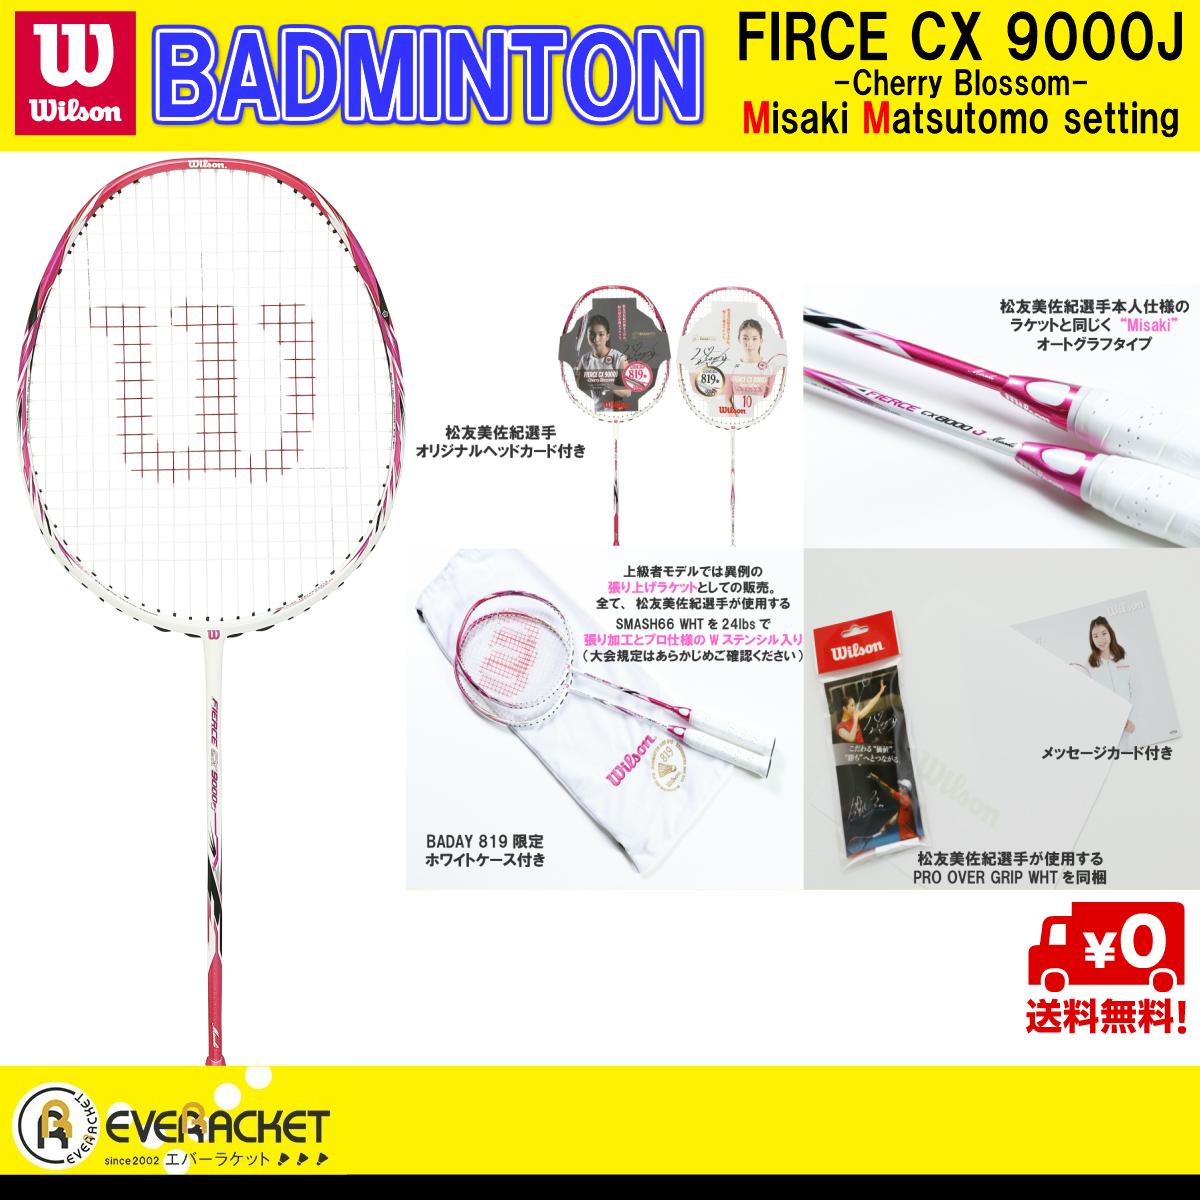 【限定商品】Wilson ウイルソン バドミントン バドミントンラケット FIERCE CX9000J -Cherry Blossom- Misaki Matsutomo setting WR002210S2